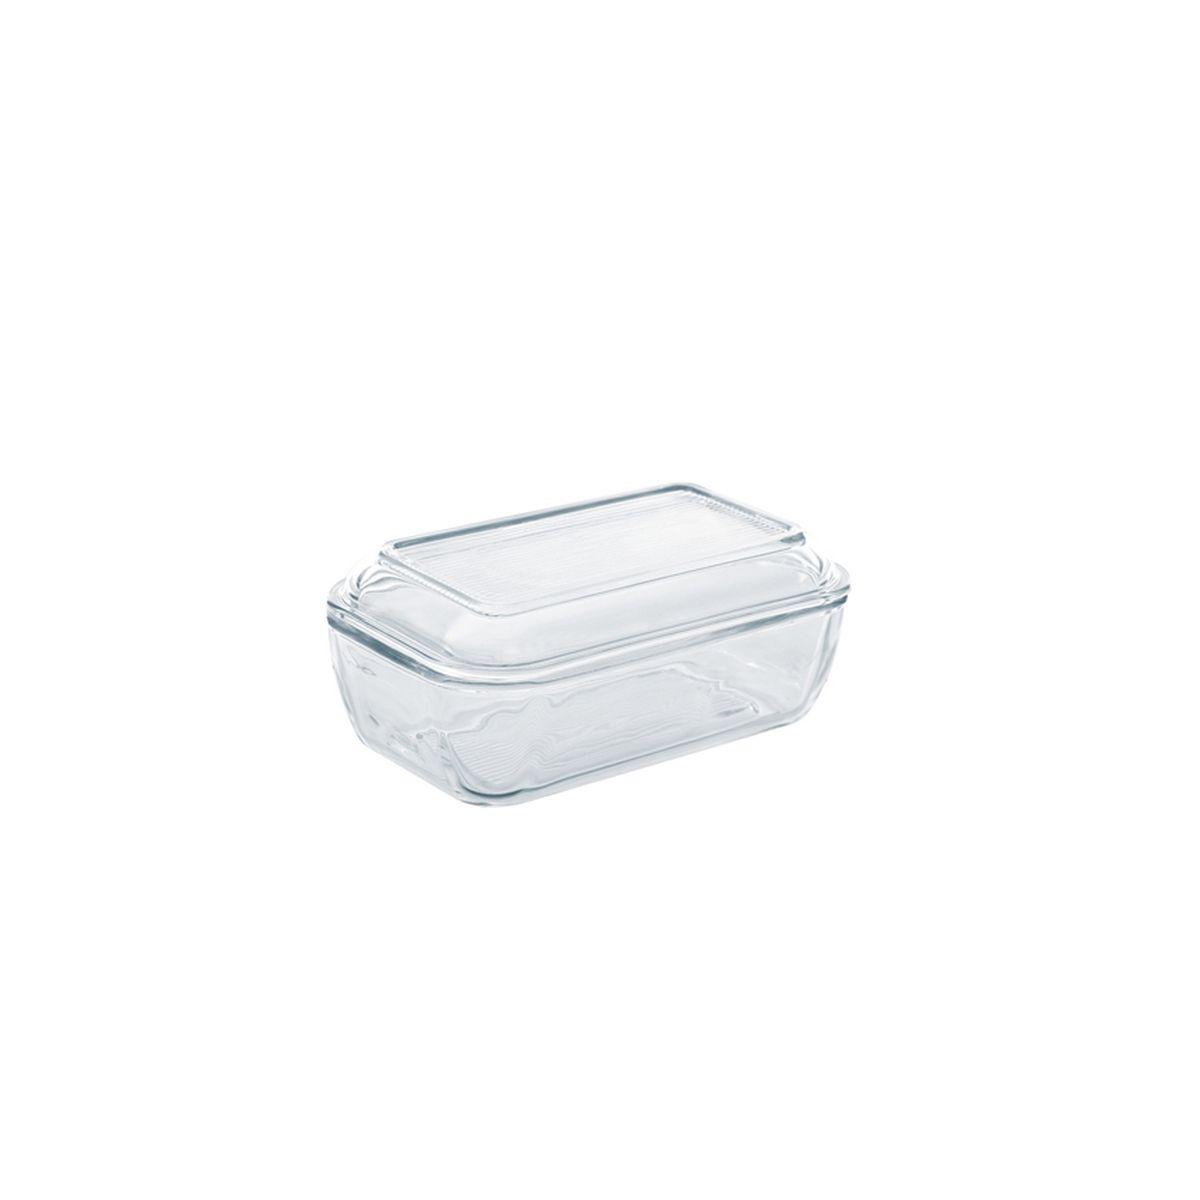 Beurrier rectangulaire avec couvercle en verre 19x11.3cm - Luminarc